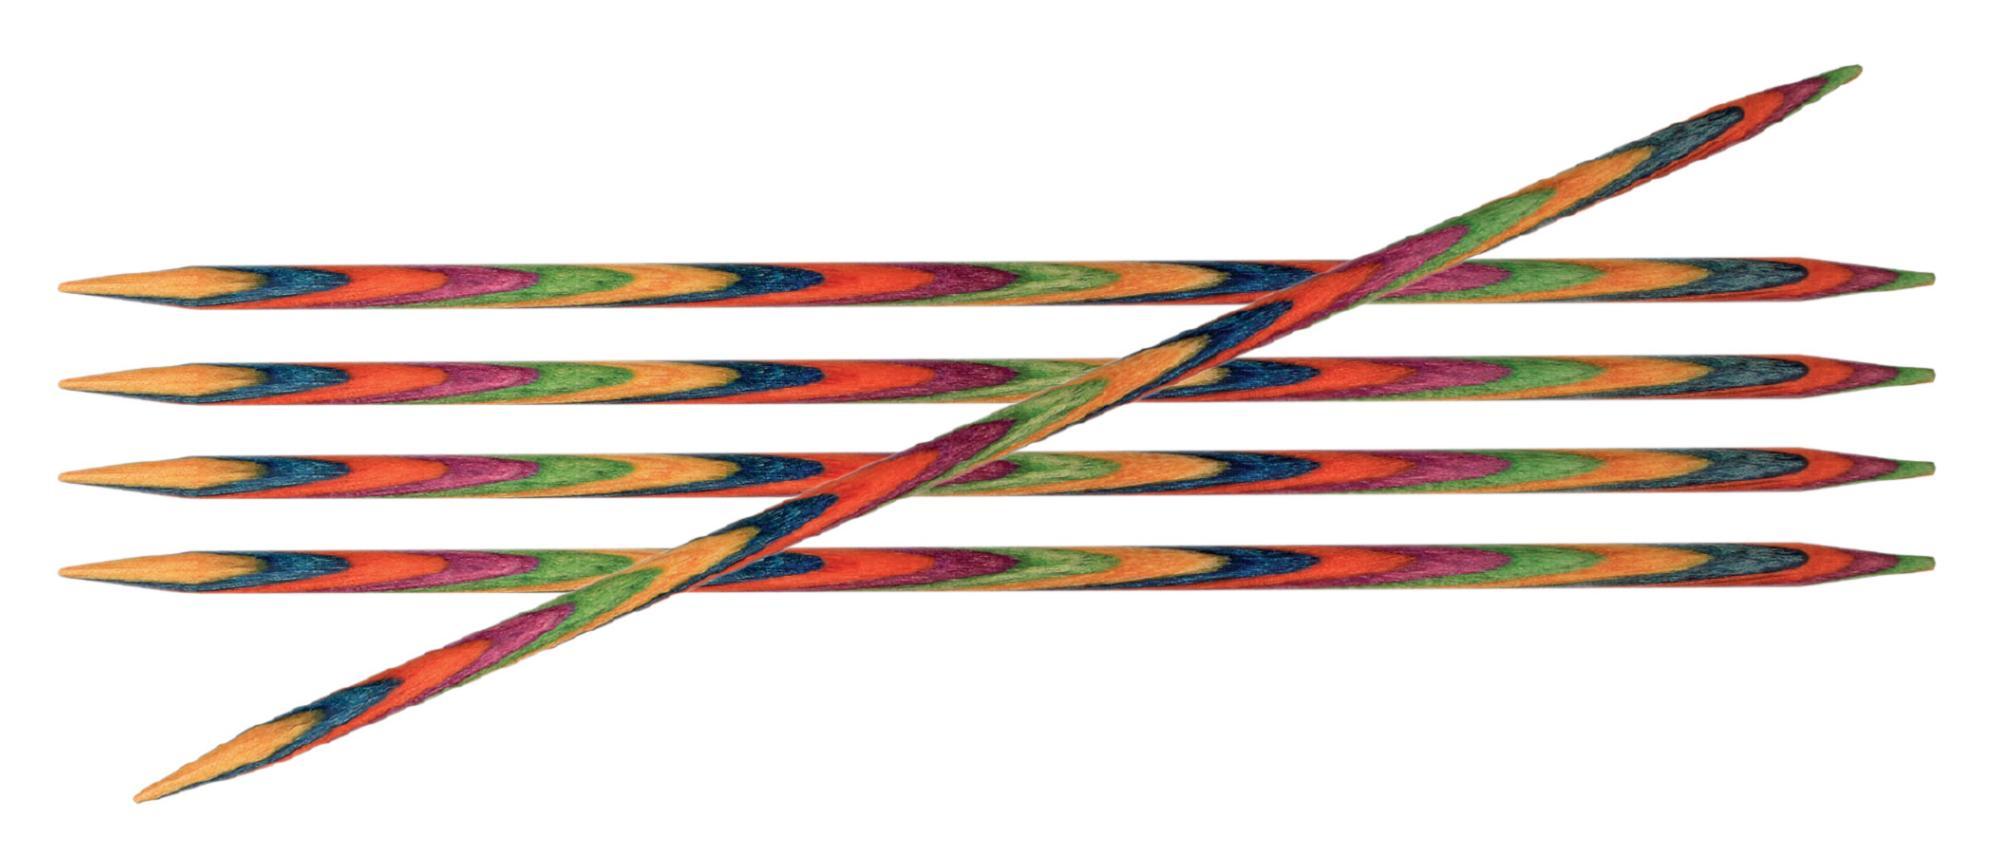 Спицы носочные 15 см Symfonie Wood KnitPro, 20106, 3.25 мм